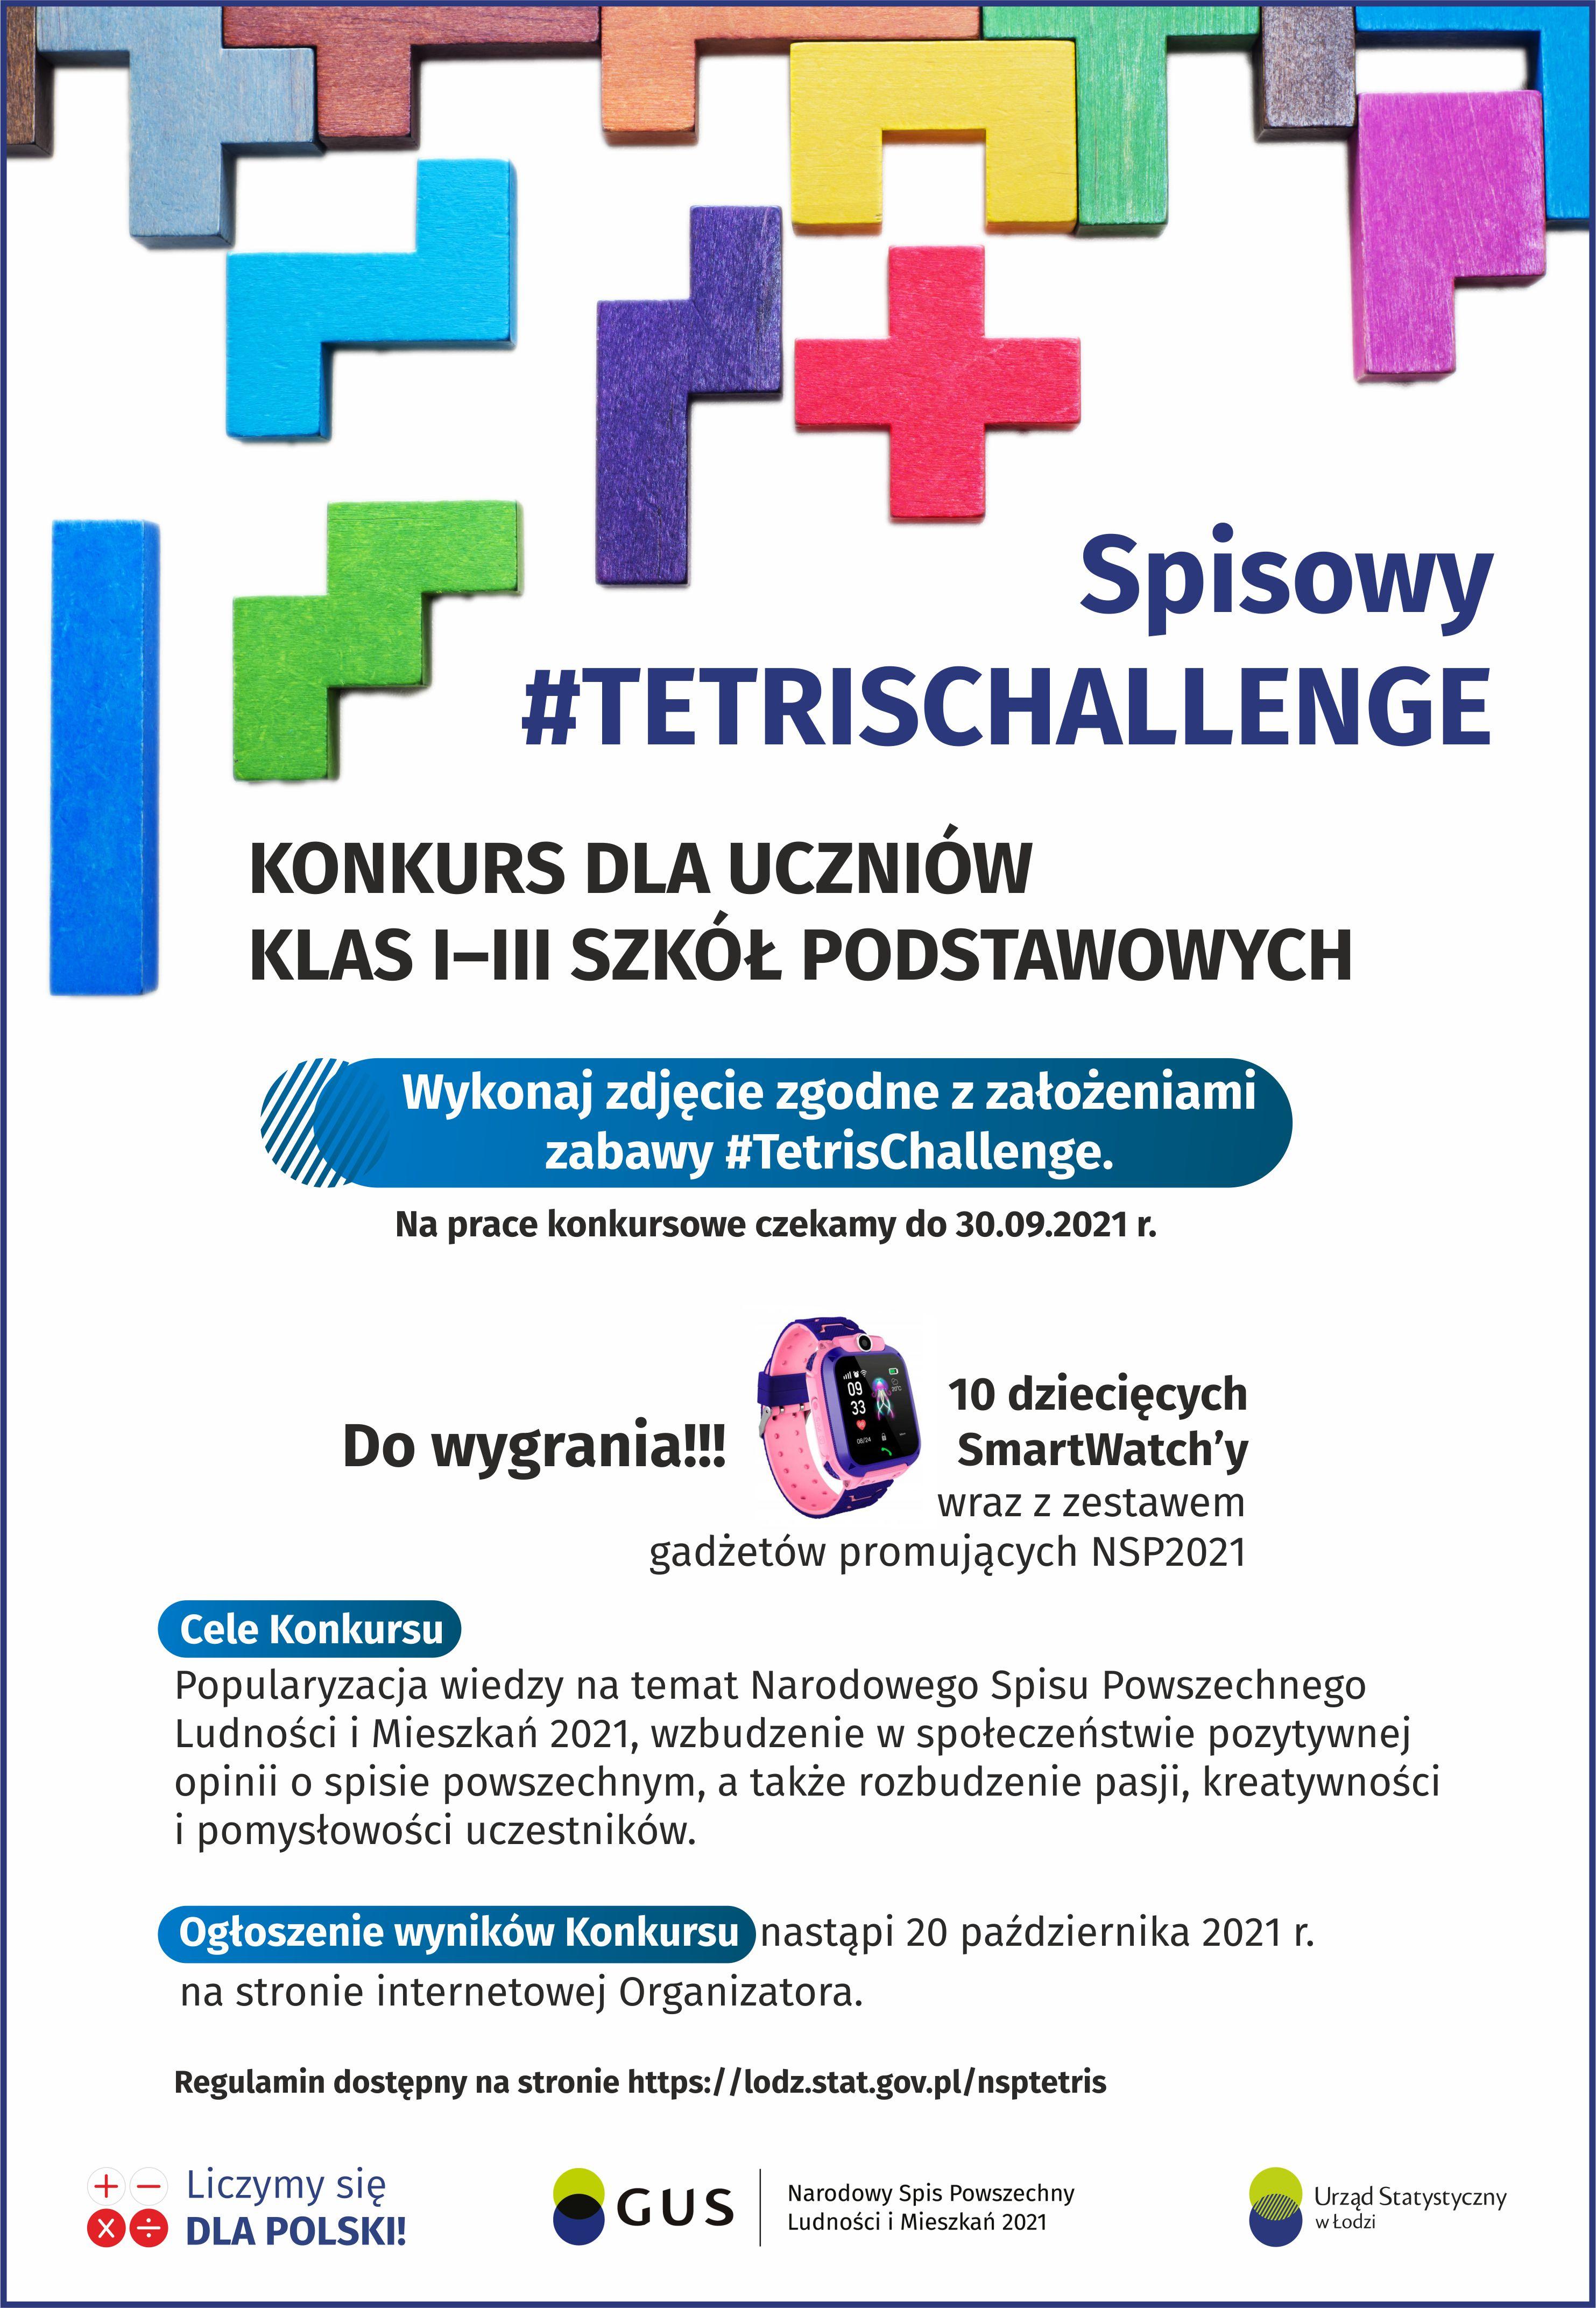 Konkurs dla uczniów klas I - III